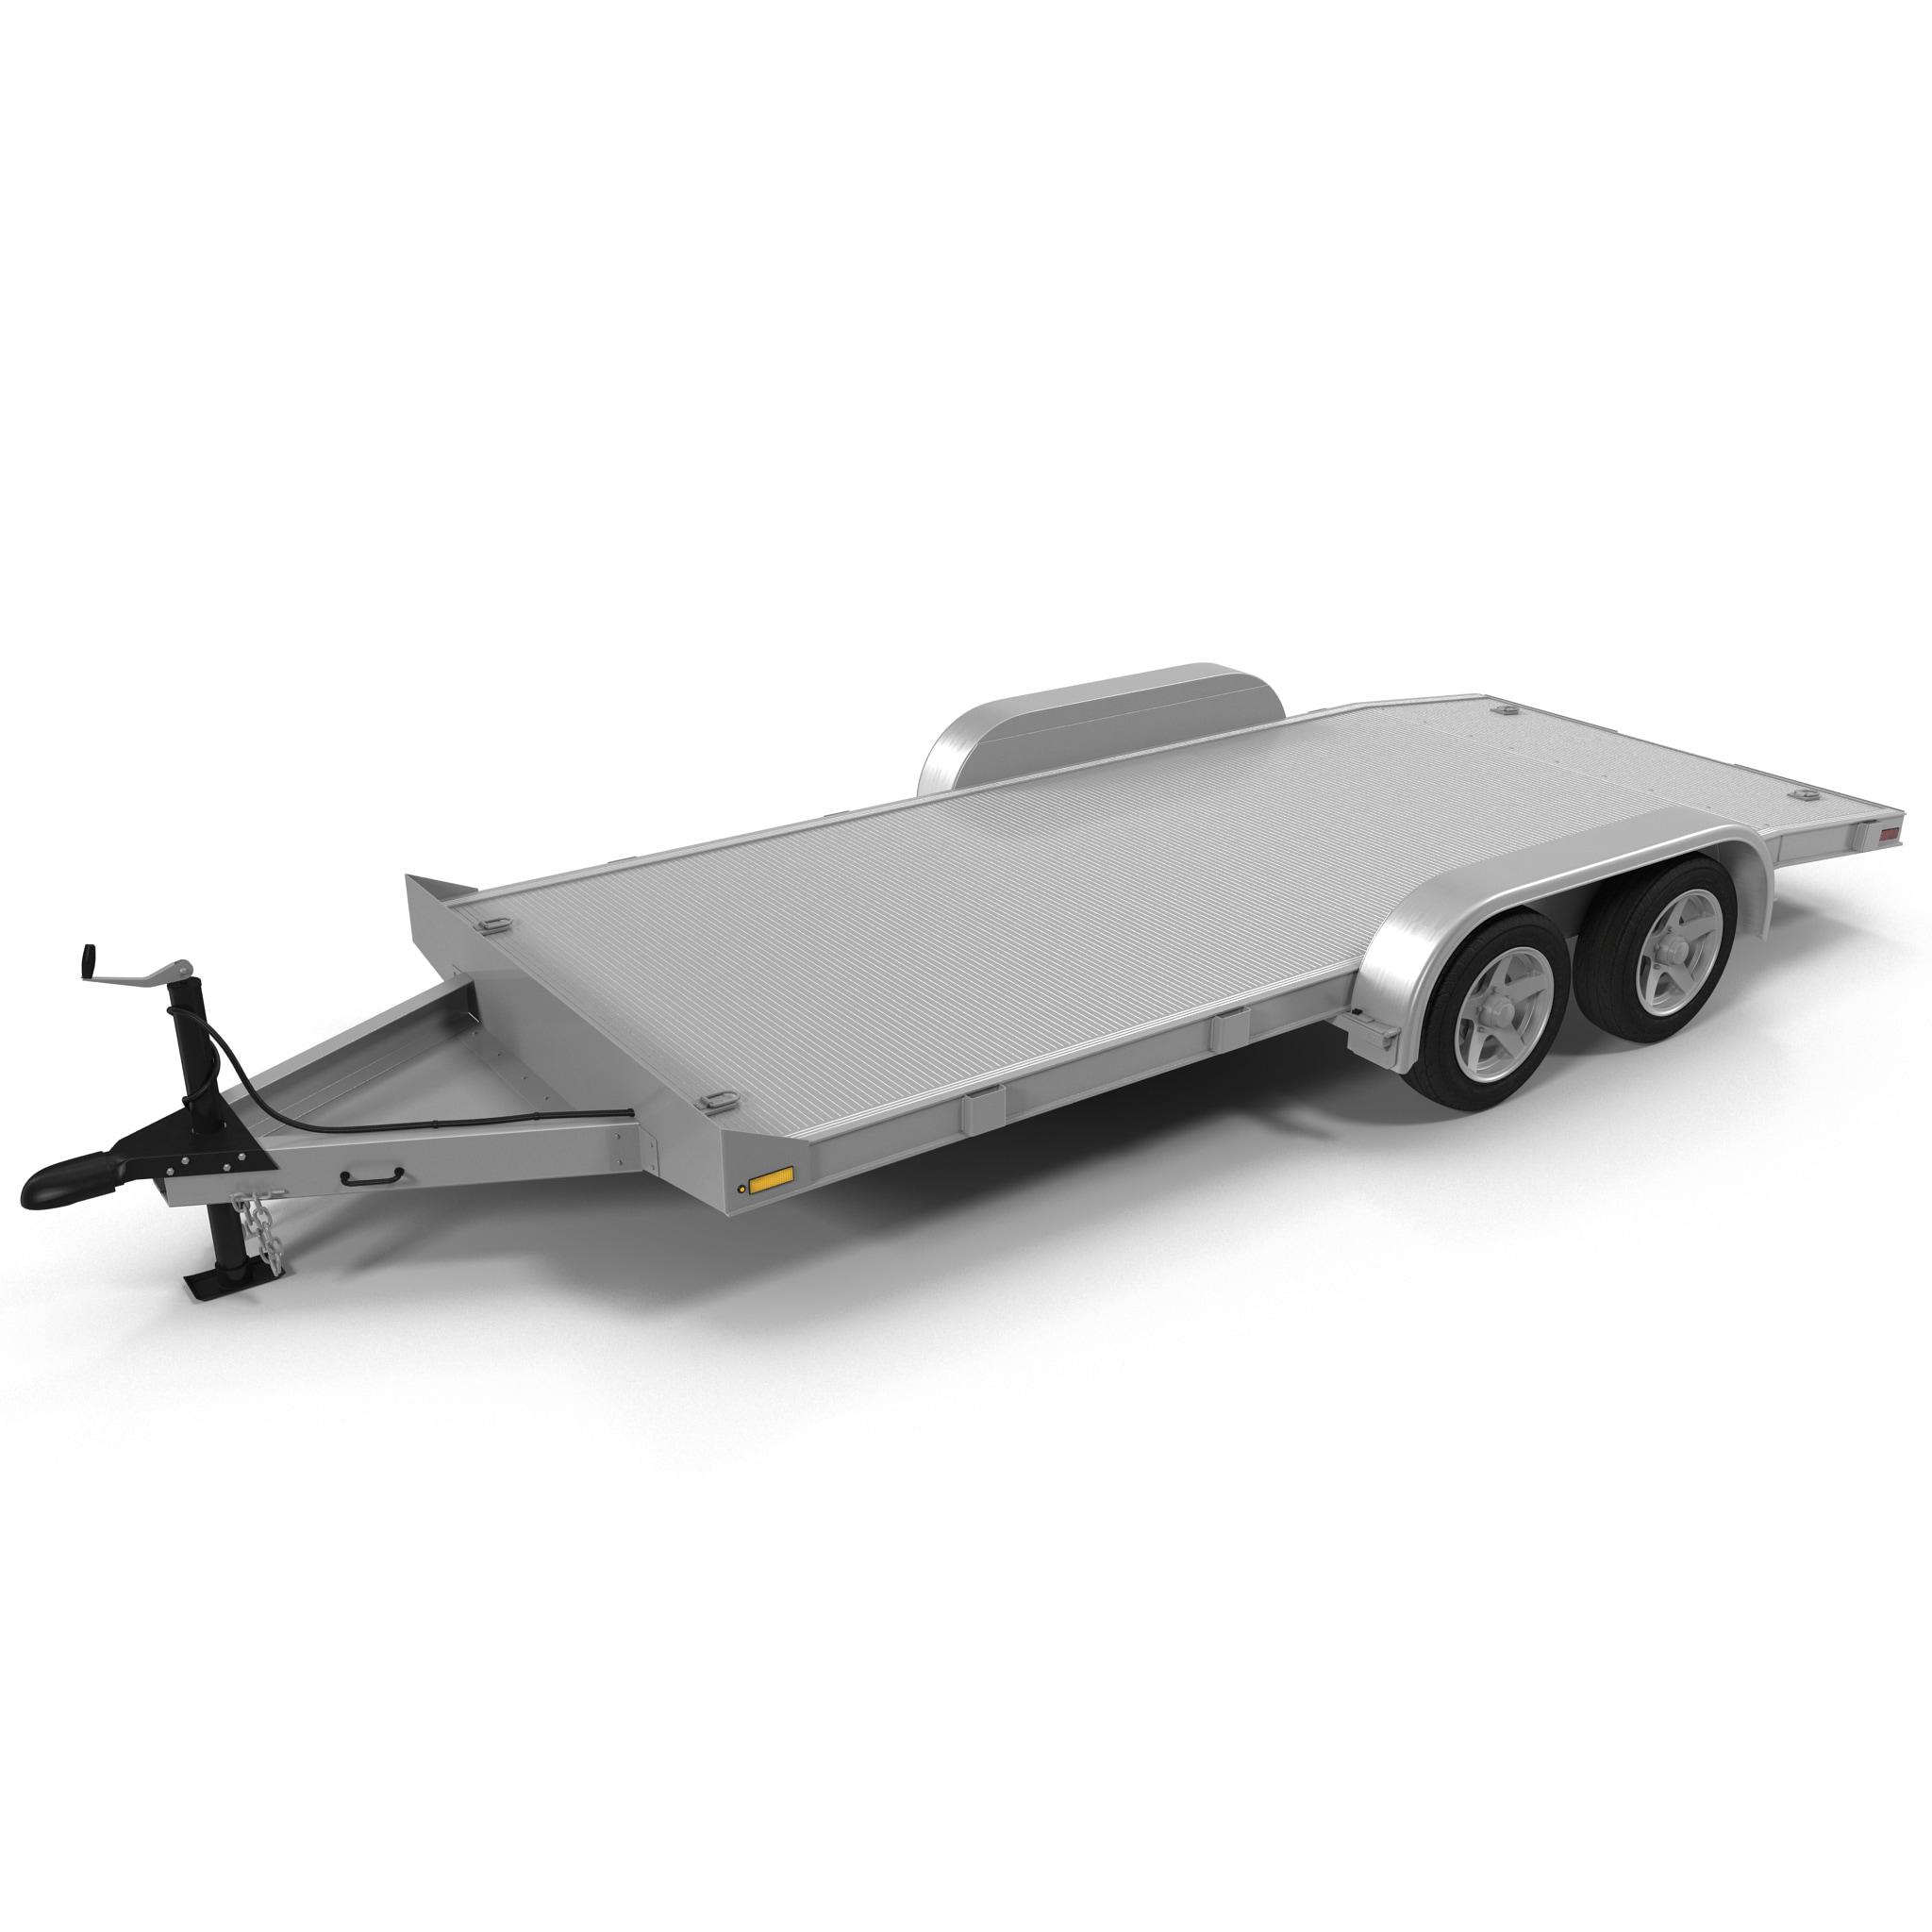 Aluminum Car Trailer_2.jpg